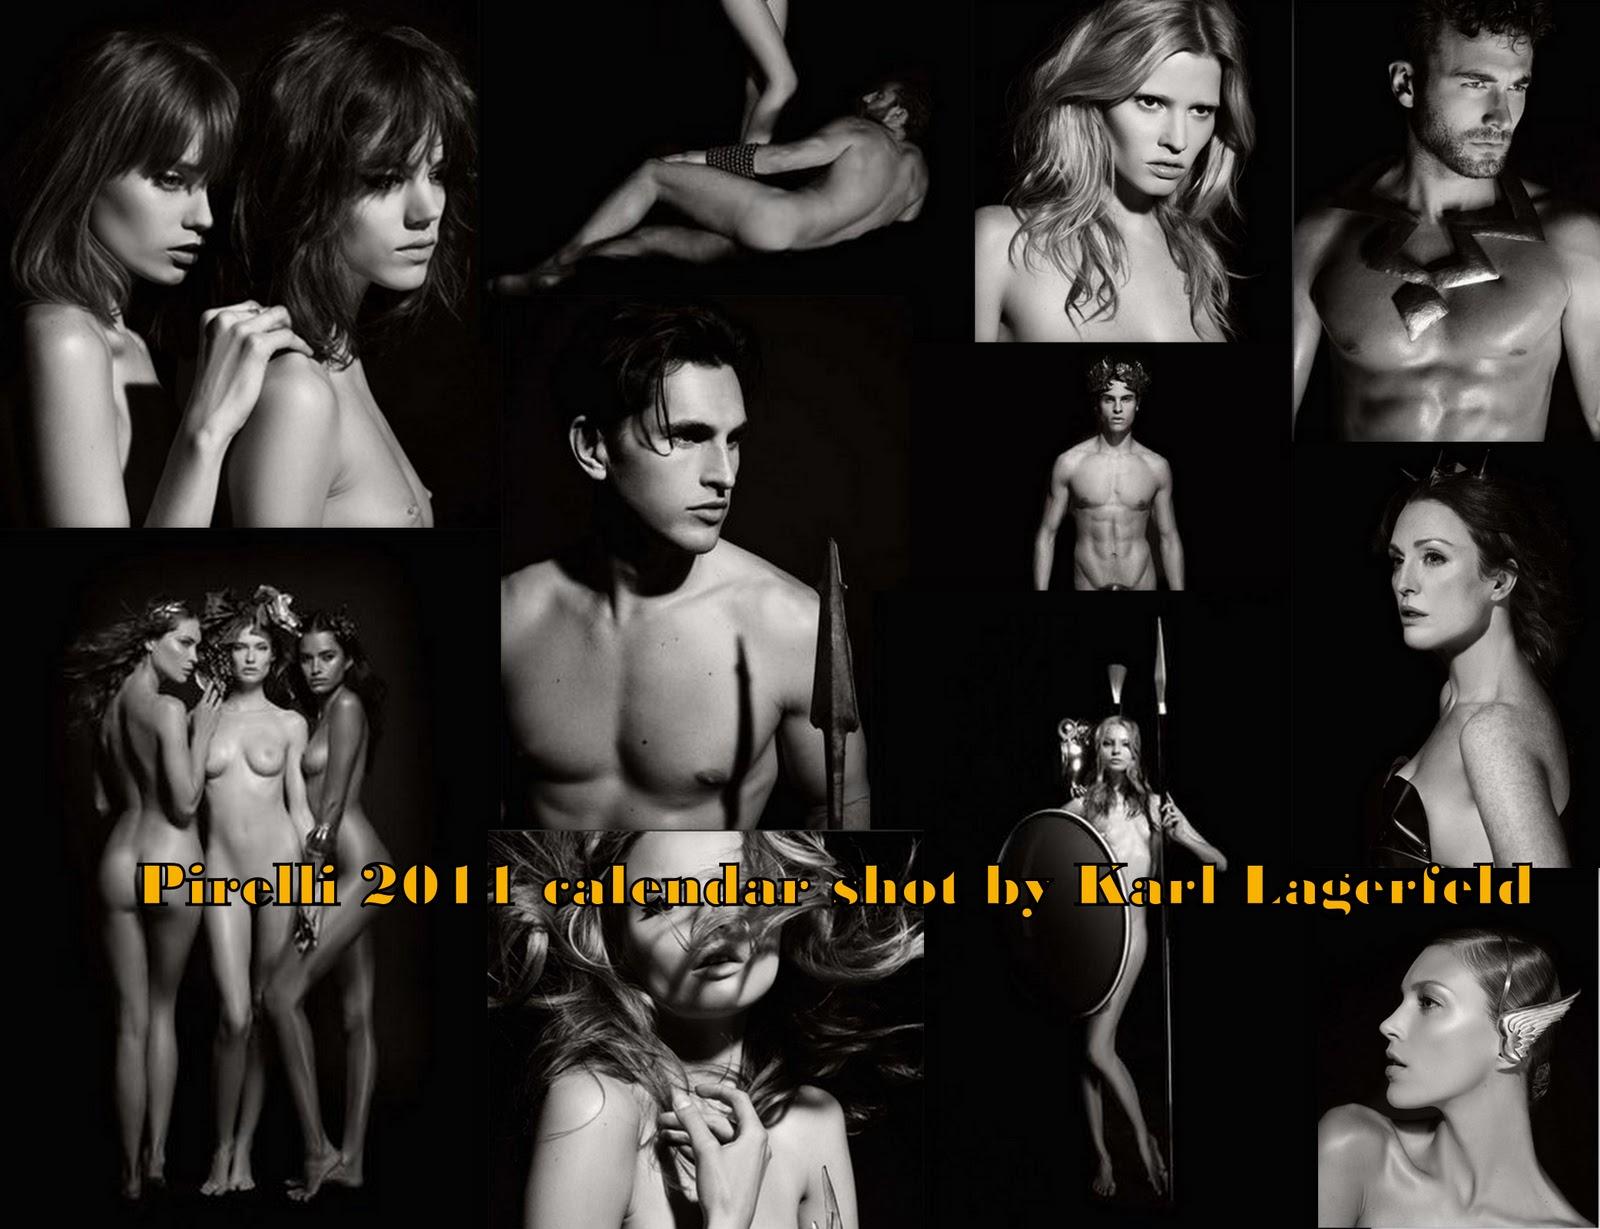 http://3.bp.blogspot.com/_4qnZRbfU5yI/TTLIBVOyvUI/AAAAAAAACtk/TUgm-g8voNQ/s1600/lovestruckcow5.jpg